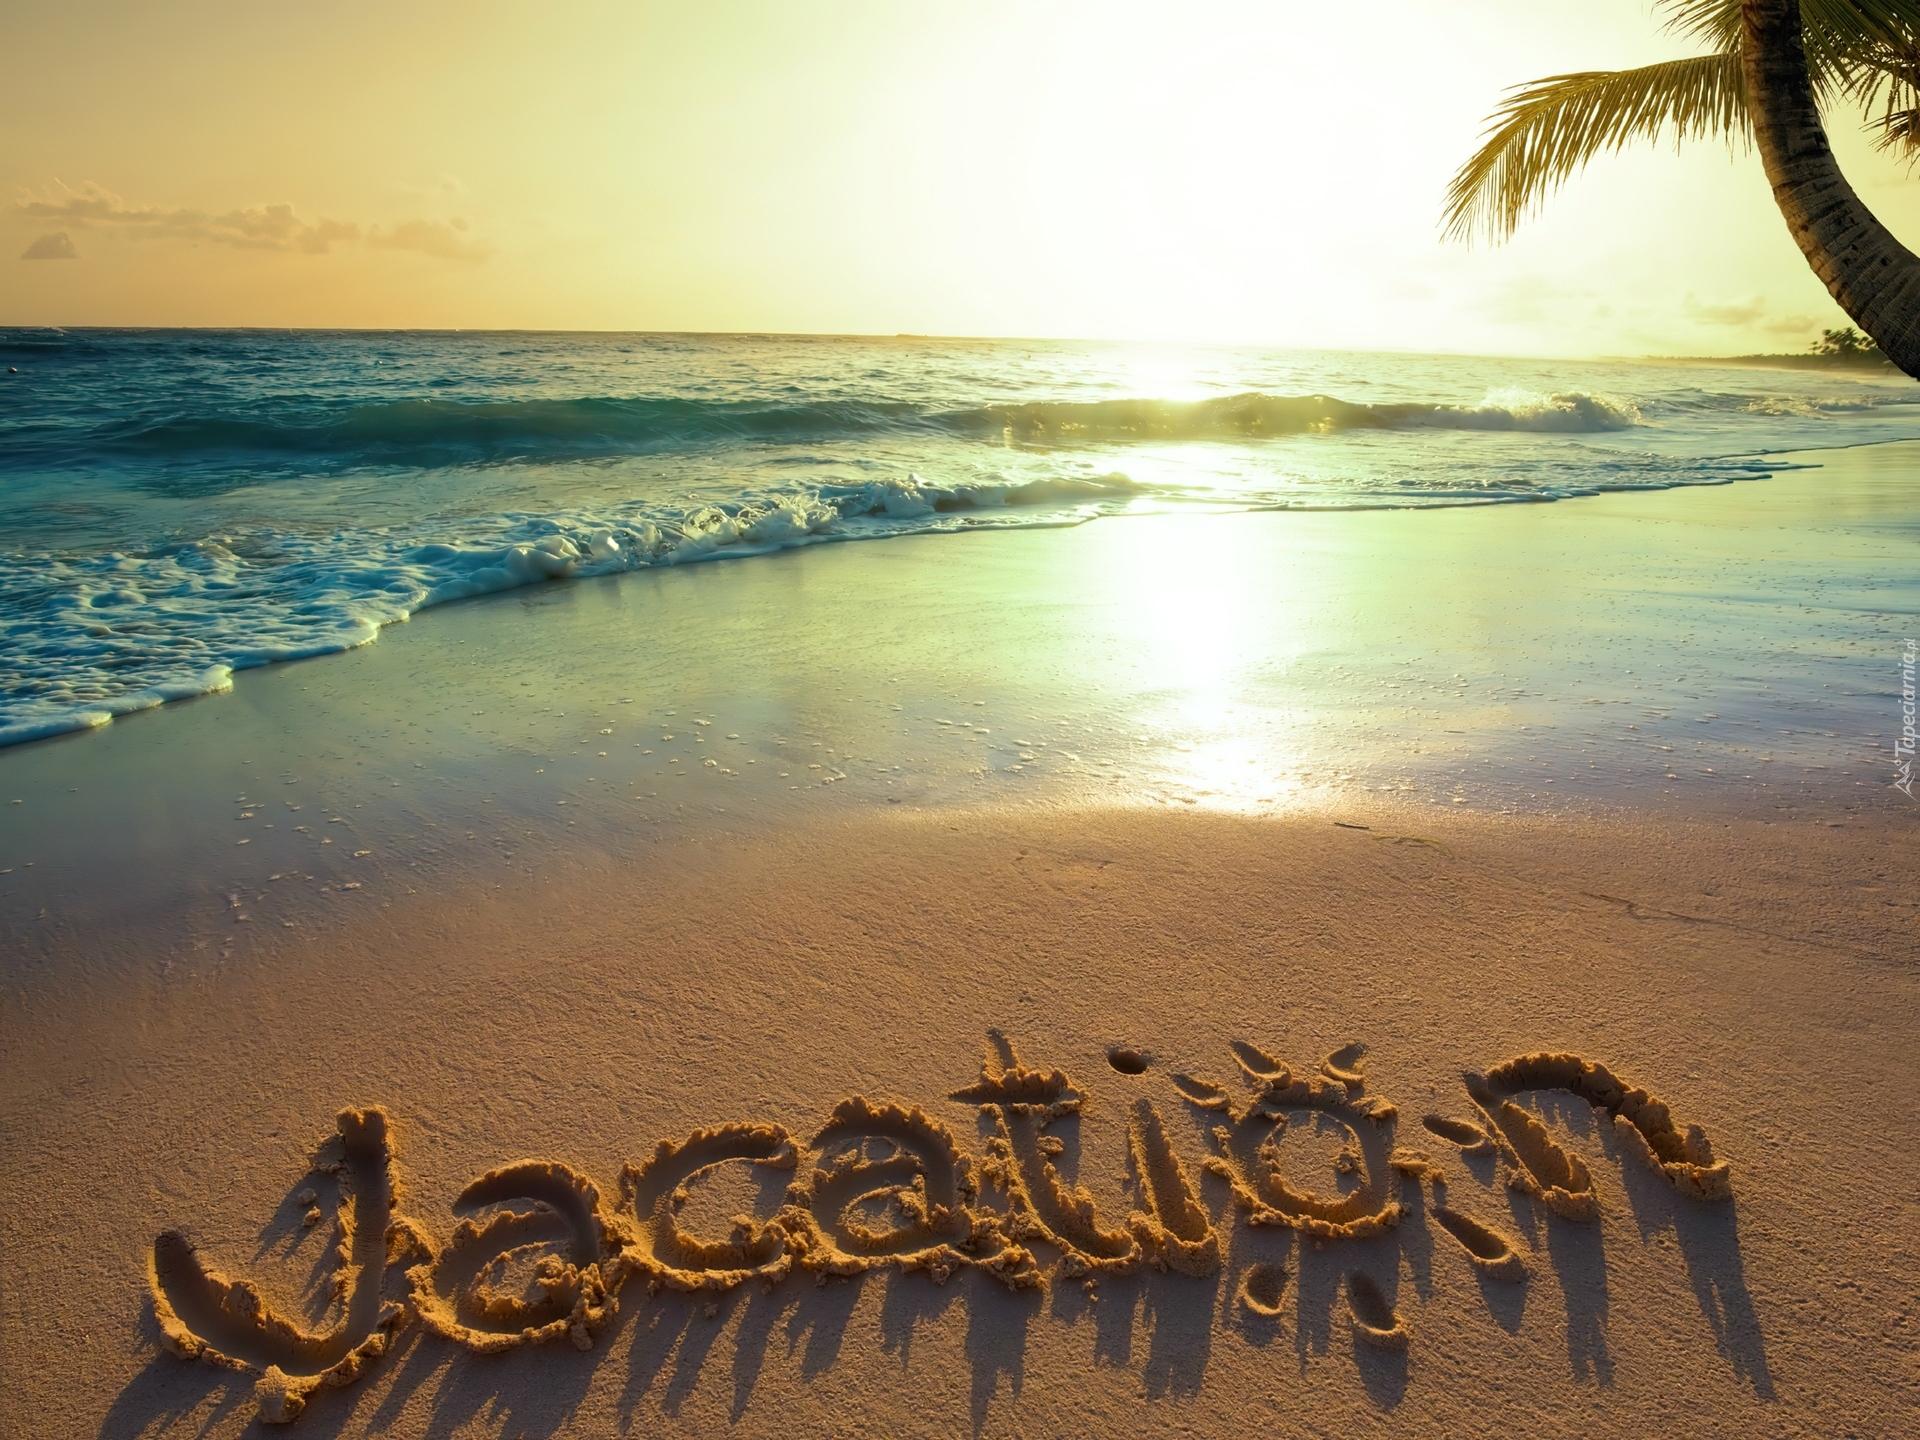 Plaża, Palmy, Morze, Fale, Promienie, Słońca, Wakacje